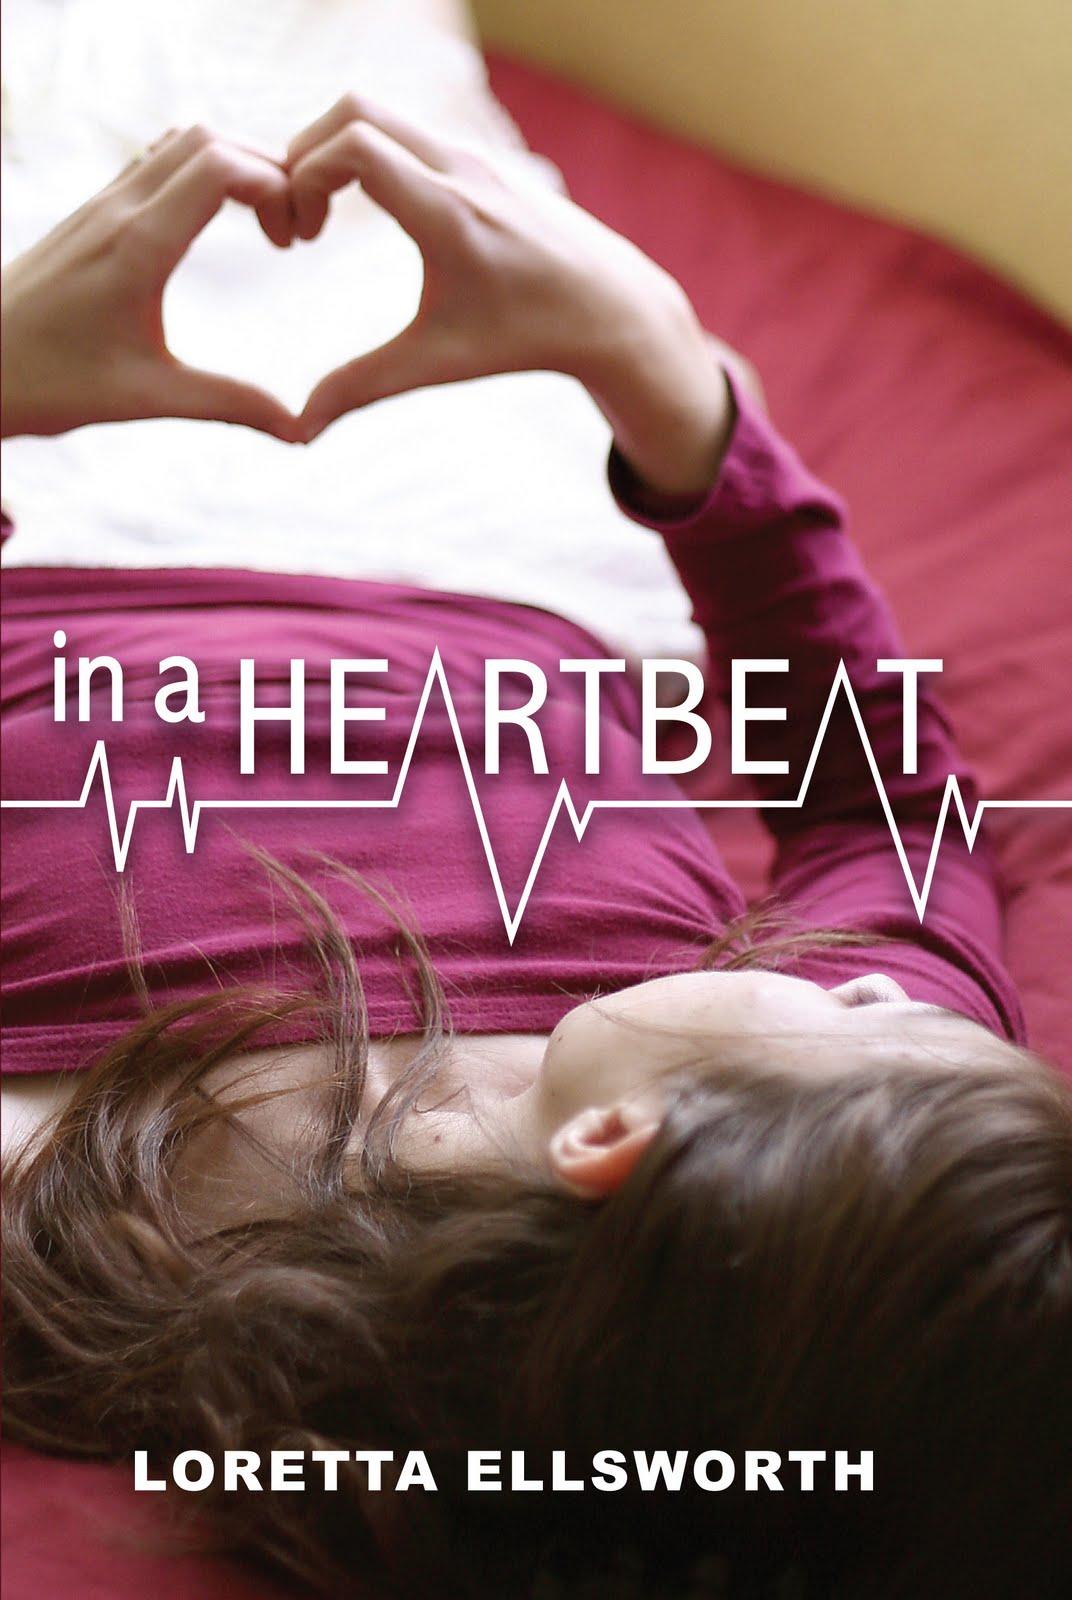 StephTheBookworm: Review: In a Heartbeat by Loretta Ellsworth